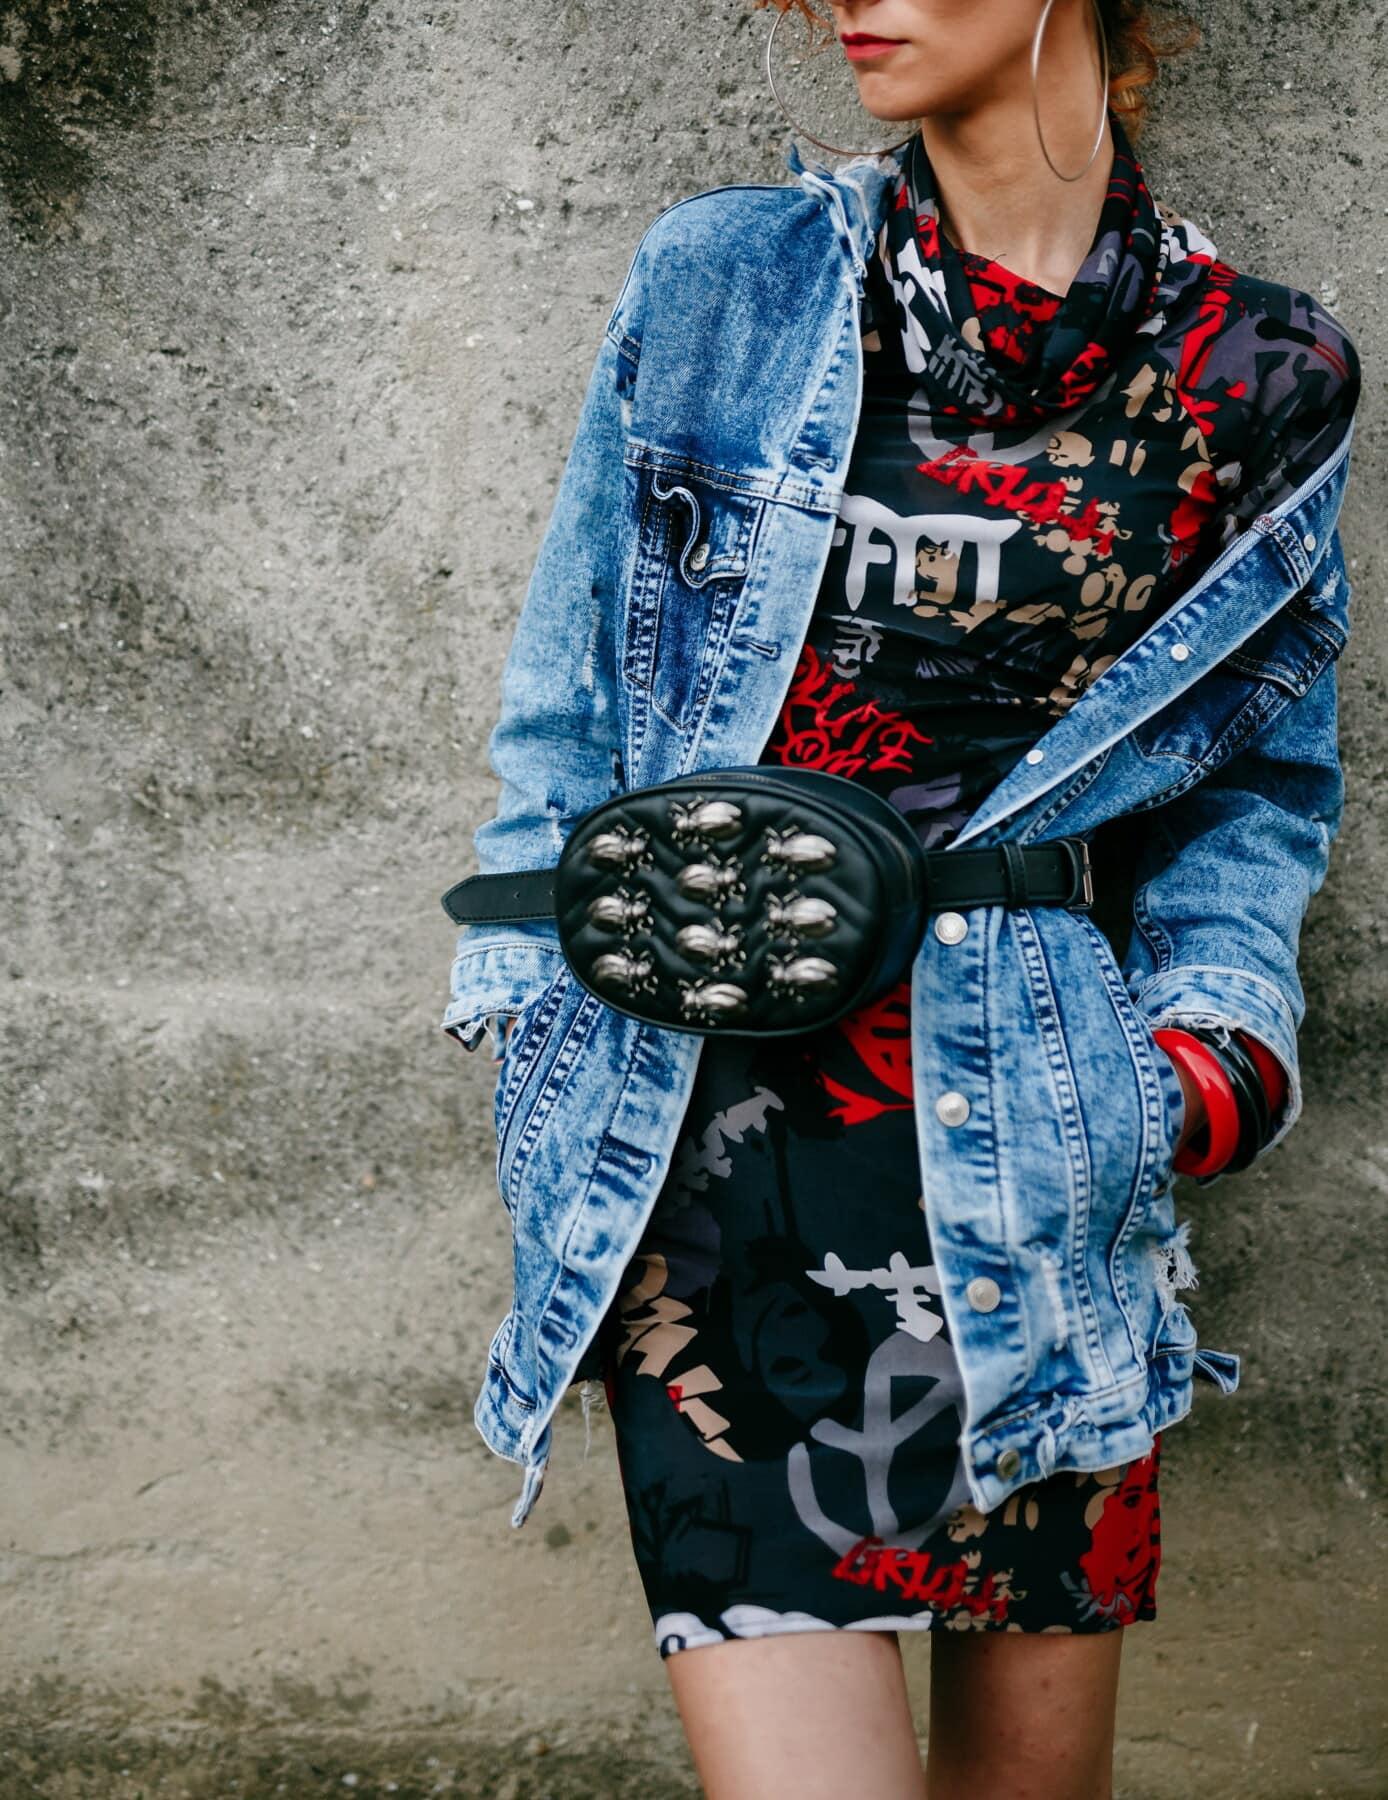 Jeans, veste, sac à main, mode, jeune femme, robe, trendy, posant, coloré, debout